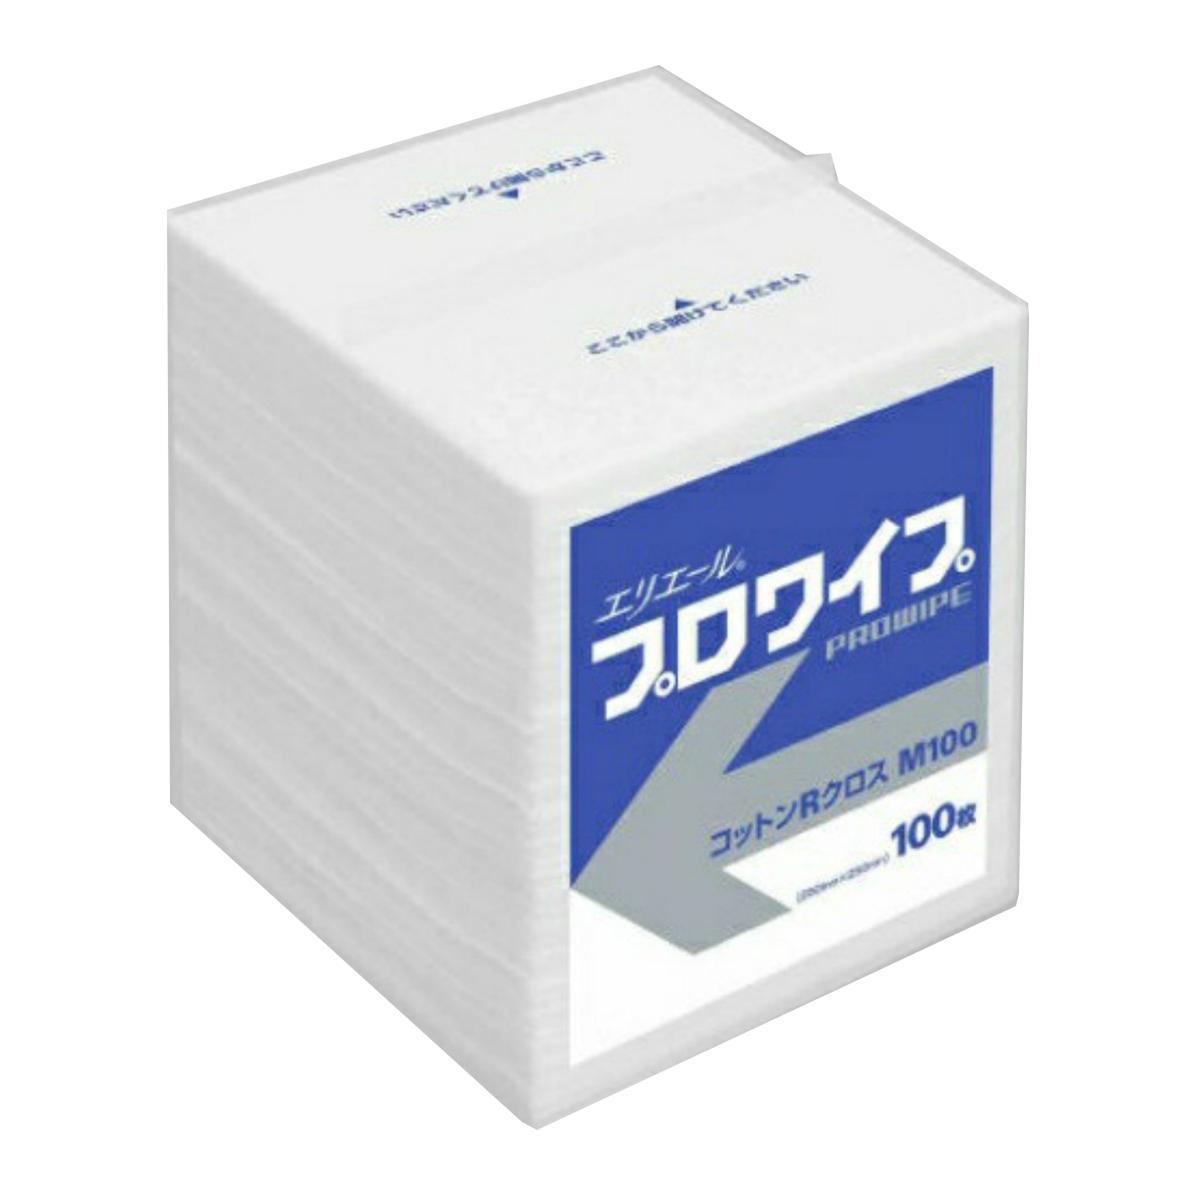 【送料無料・まとめ買い×30】エリエール プロワイプ コットン R クロス M 100枚入り×30点セット (4902011622218)